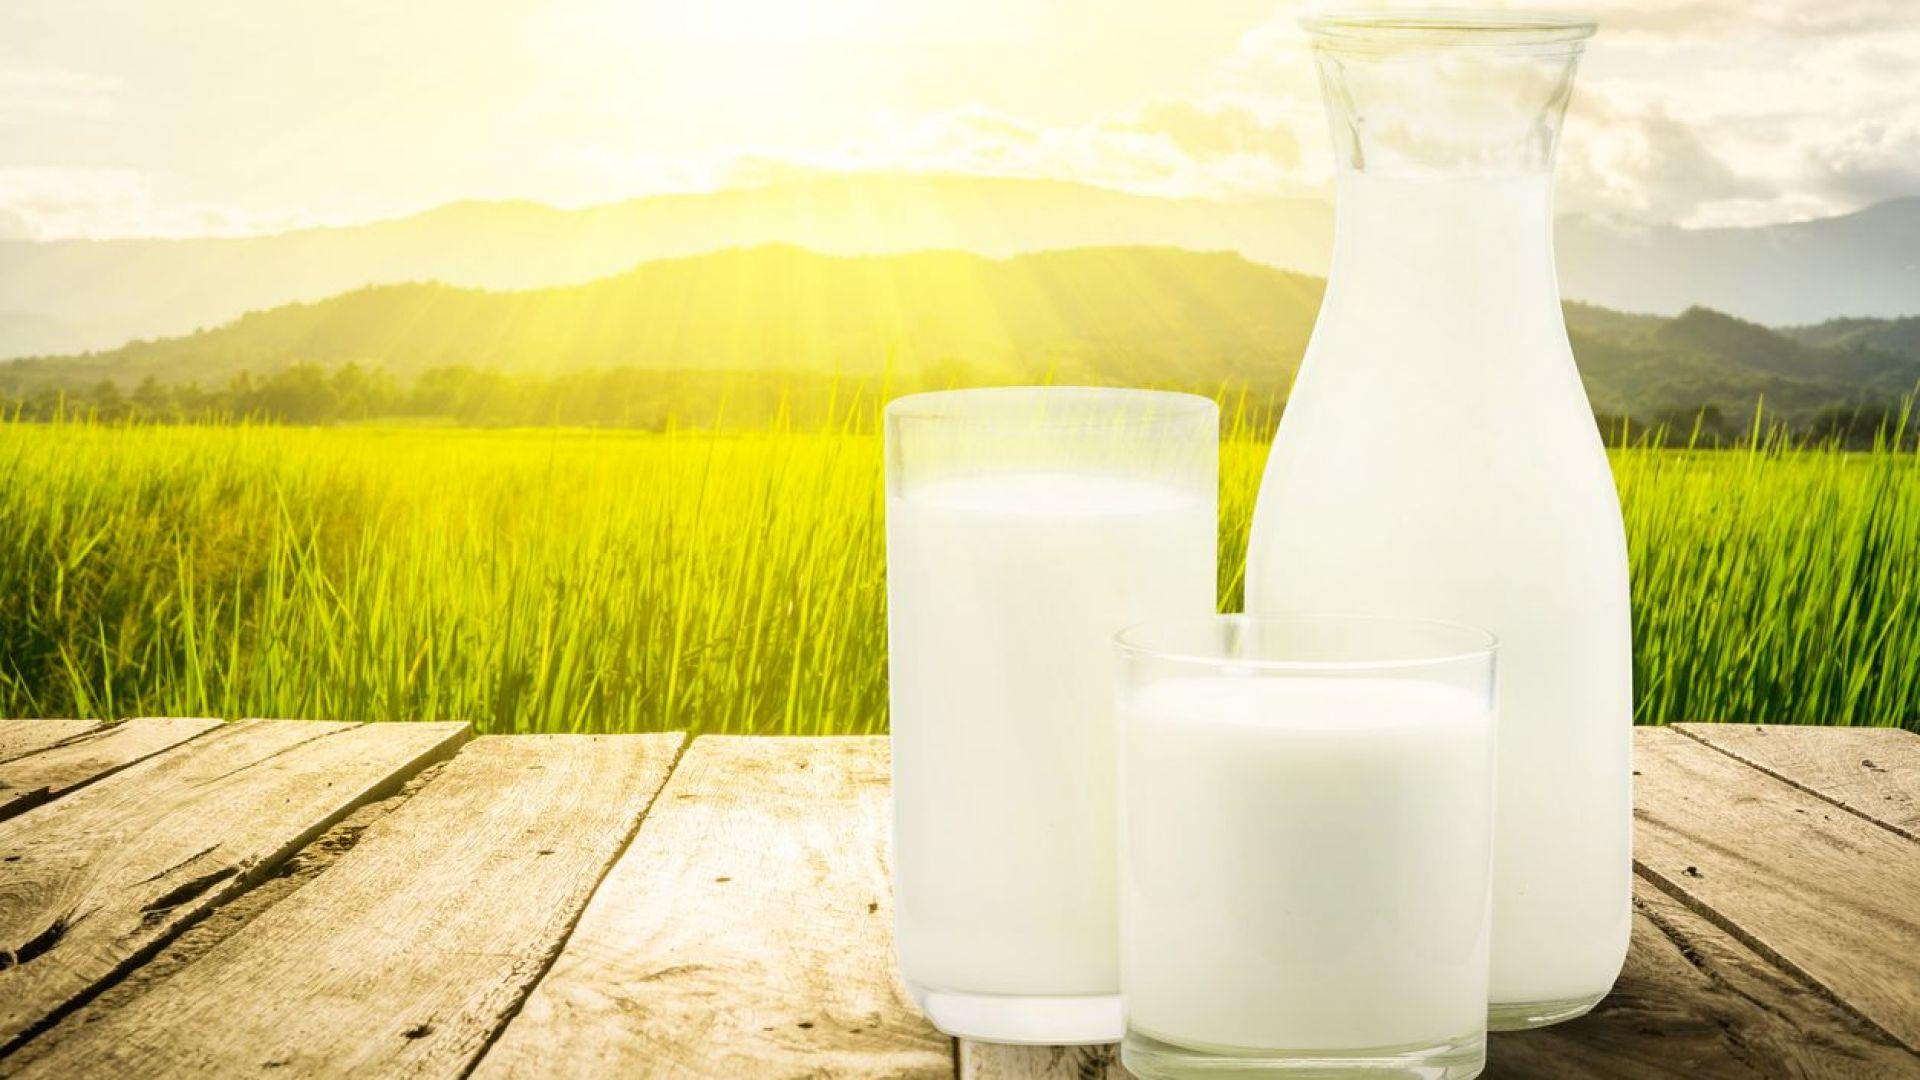 Първите изкупвачи на сурово мляко ще регистрират договорите си онлайн